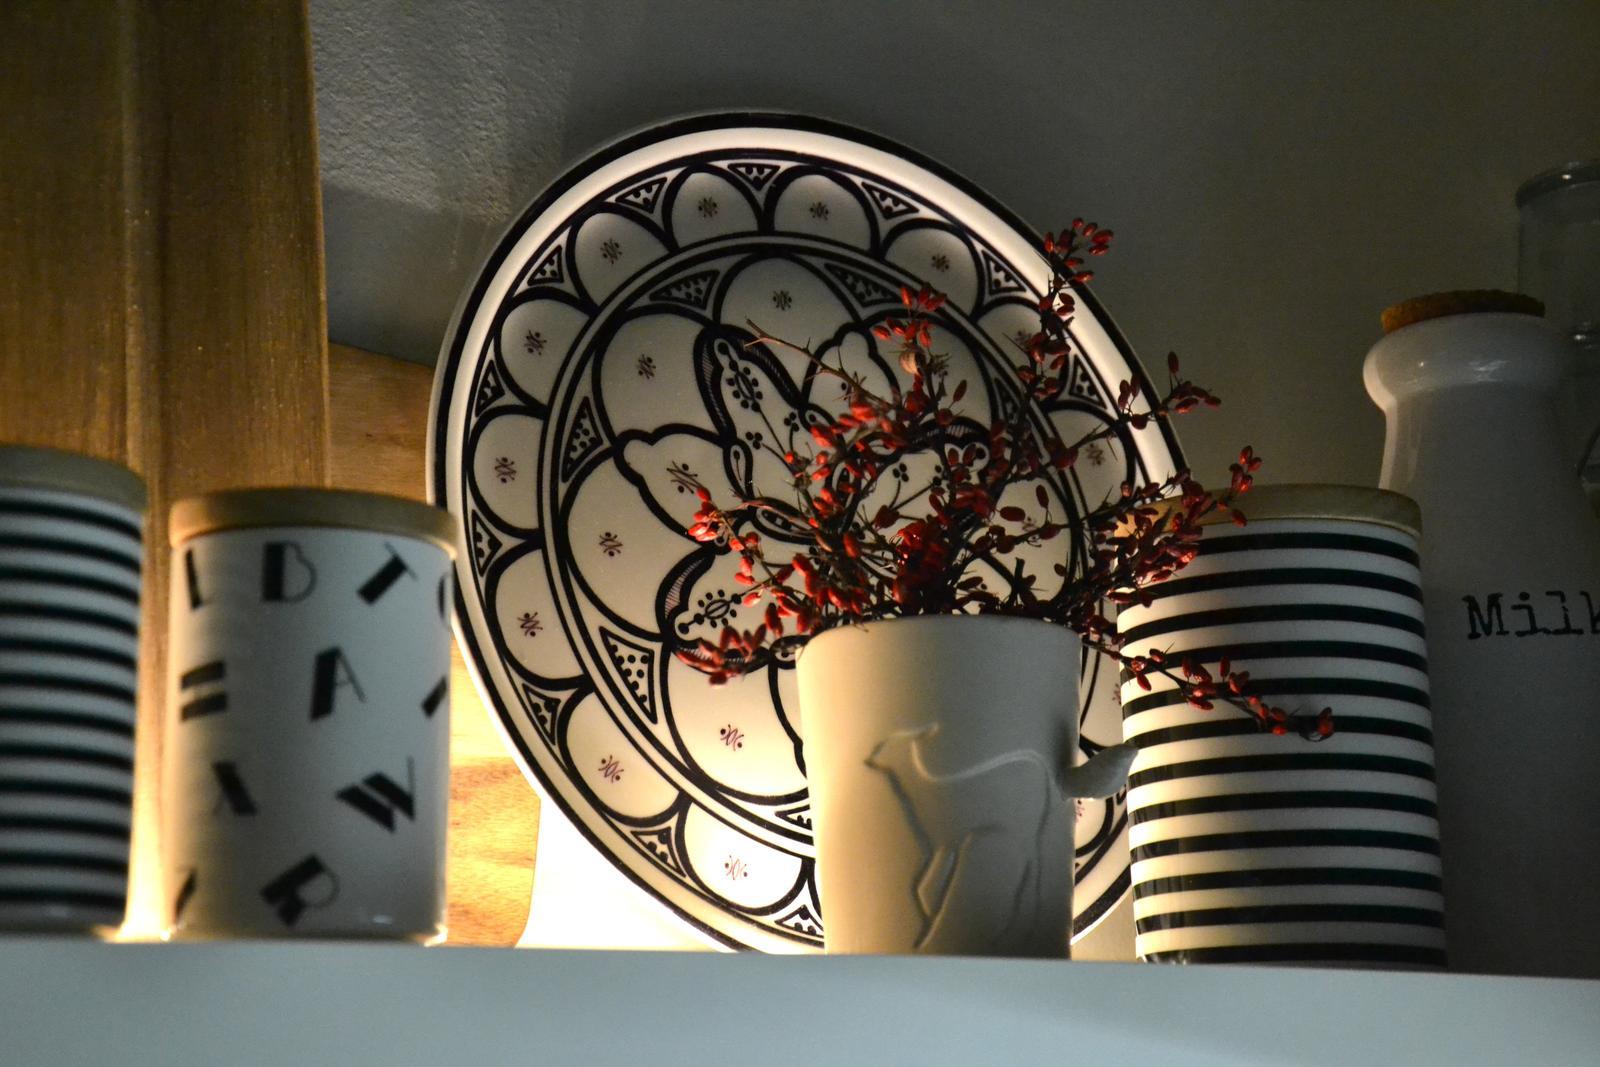 U nás doma v paneláku II. - červené bobule, jsou hezká dekorace, mám je te´d jako doplněk k černé a bílé....